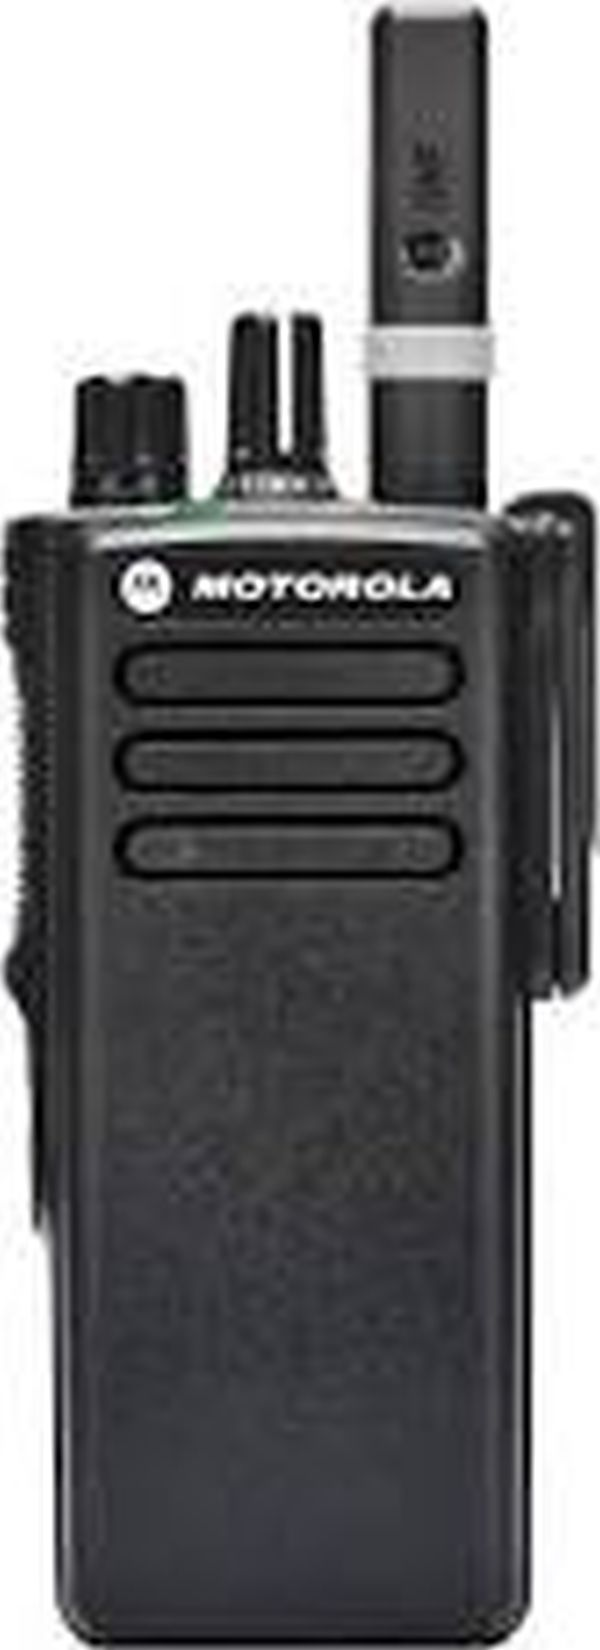 портативная радиостанция motorola dp 4400 (носимая радиостанция 136 - 174 мгц, 32 кан.)(Радиостанции портативные Motorola MDH56JDC9JA1AN DP-4400)